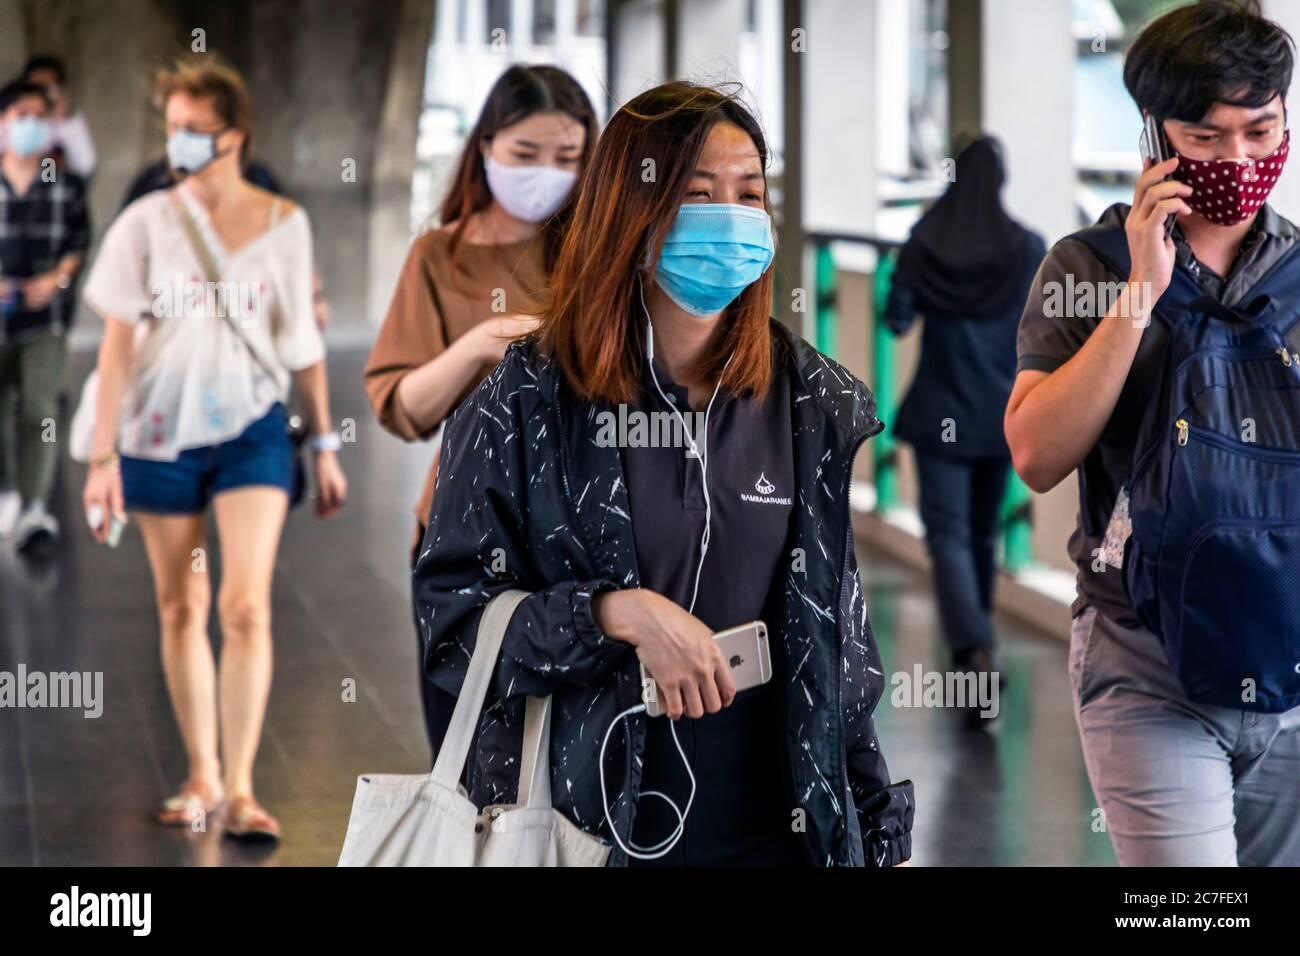 Piétons portant un masque facial avec un téléphone mobile pendant la pandémie Covid 19, Bangkok, Thaïlande Banque D'Images